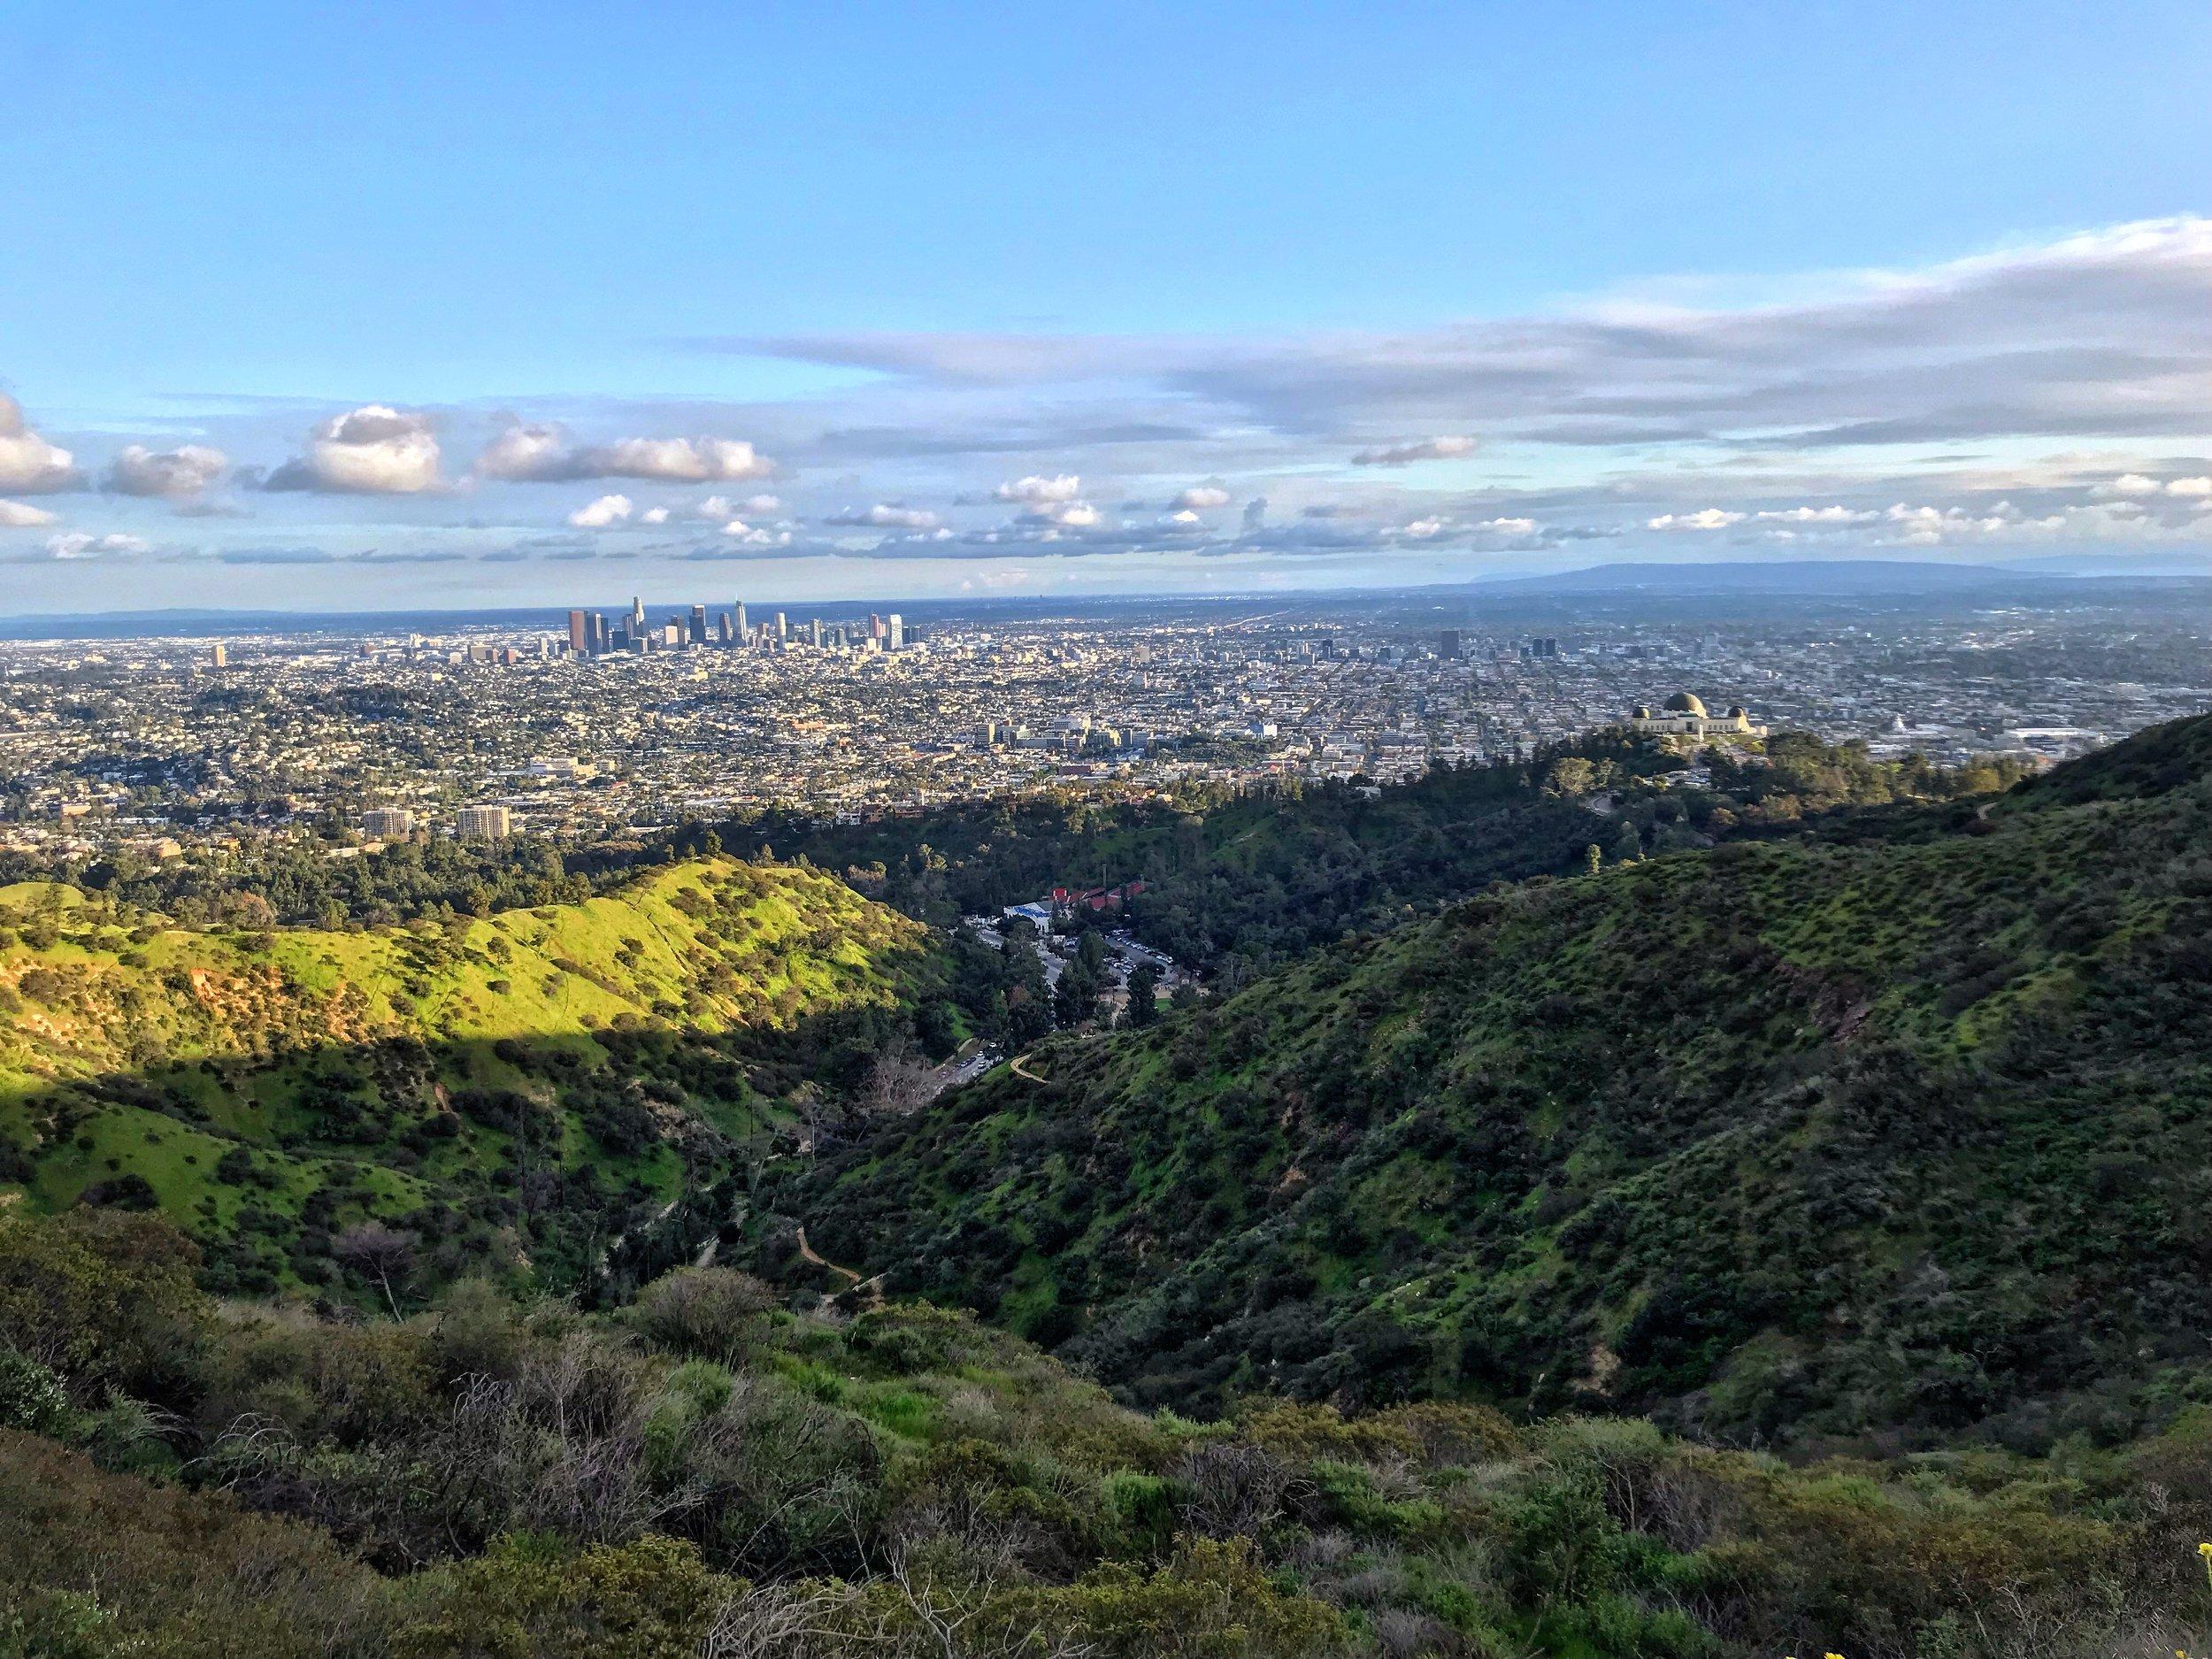 Los Angeles.jpeg